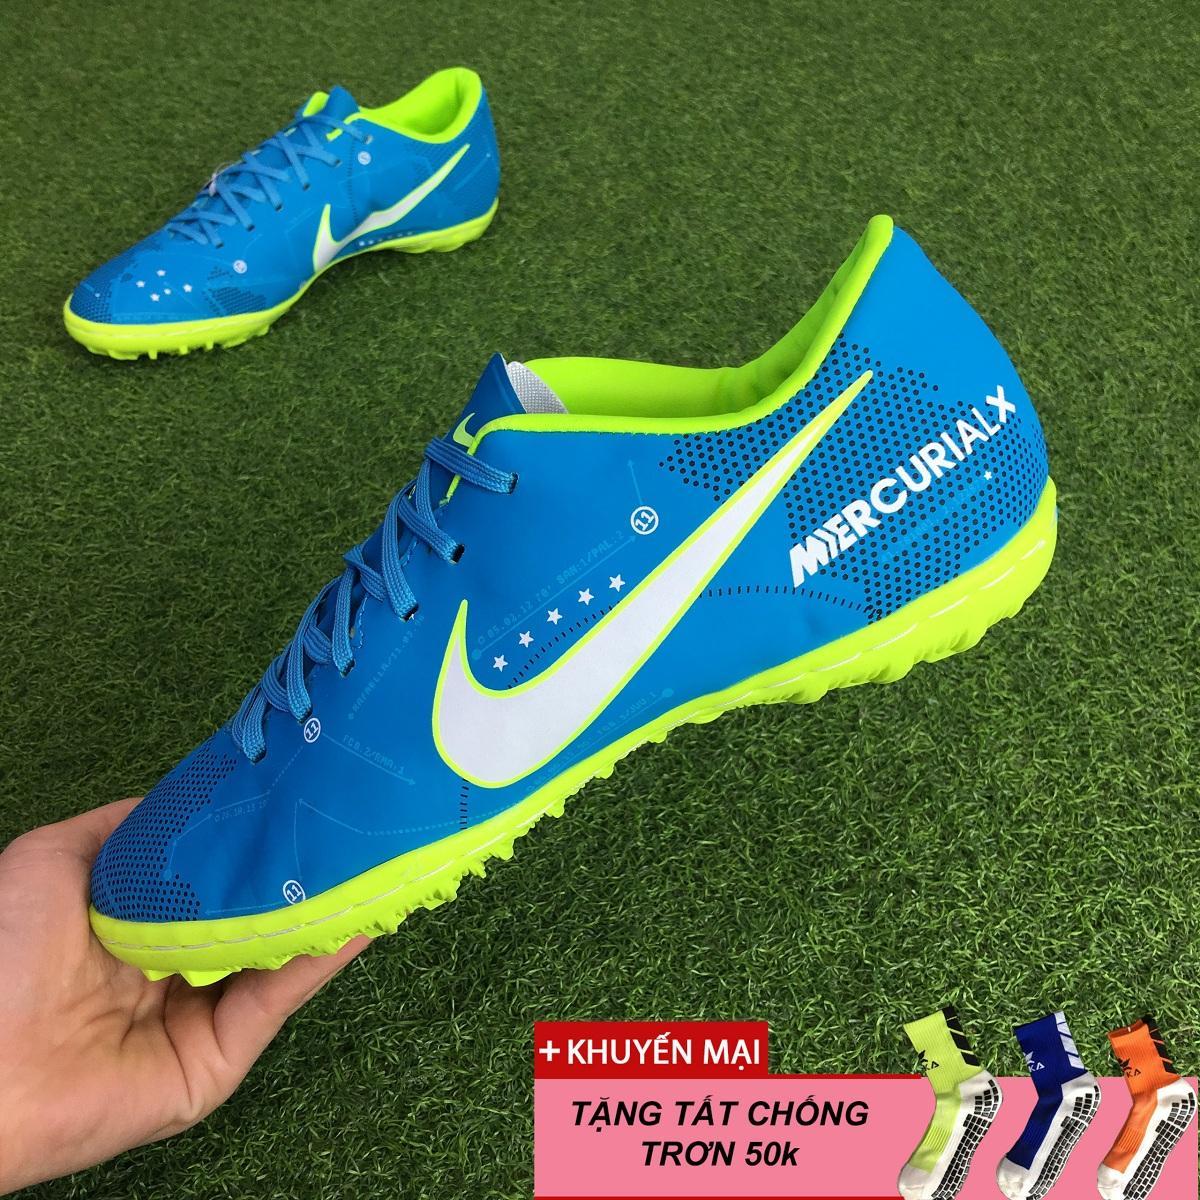 Giày đá bóng sân cỏ nhân tạo Mercurial Neymar TF - Màu Xanh lơ Nhật Bản